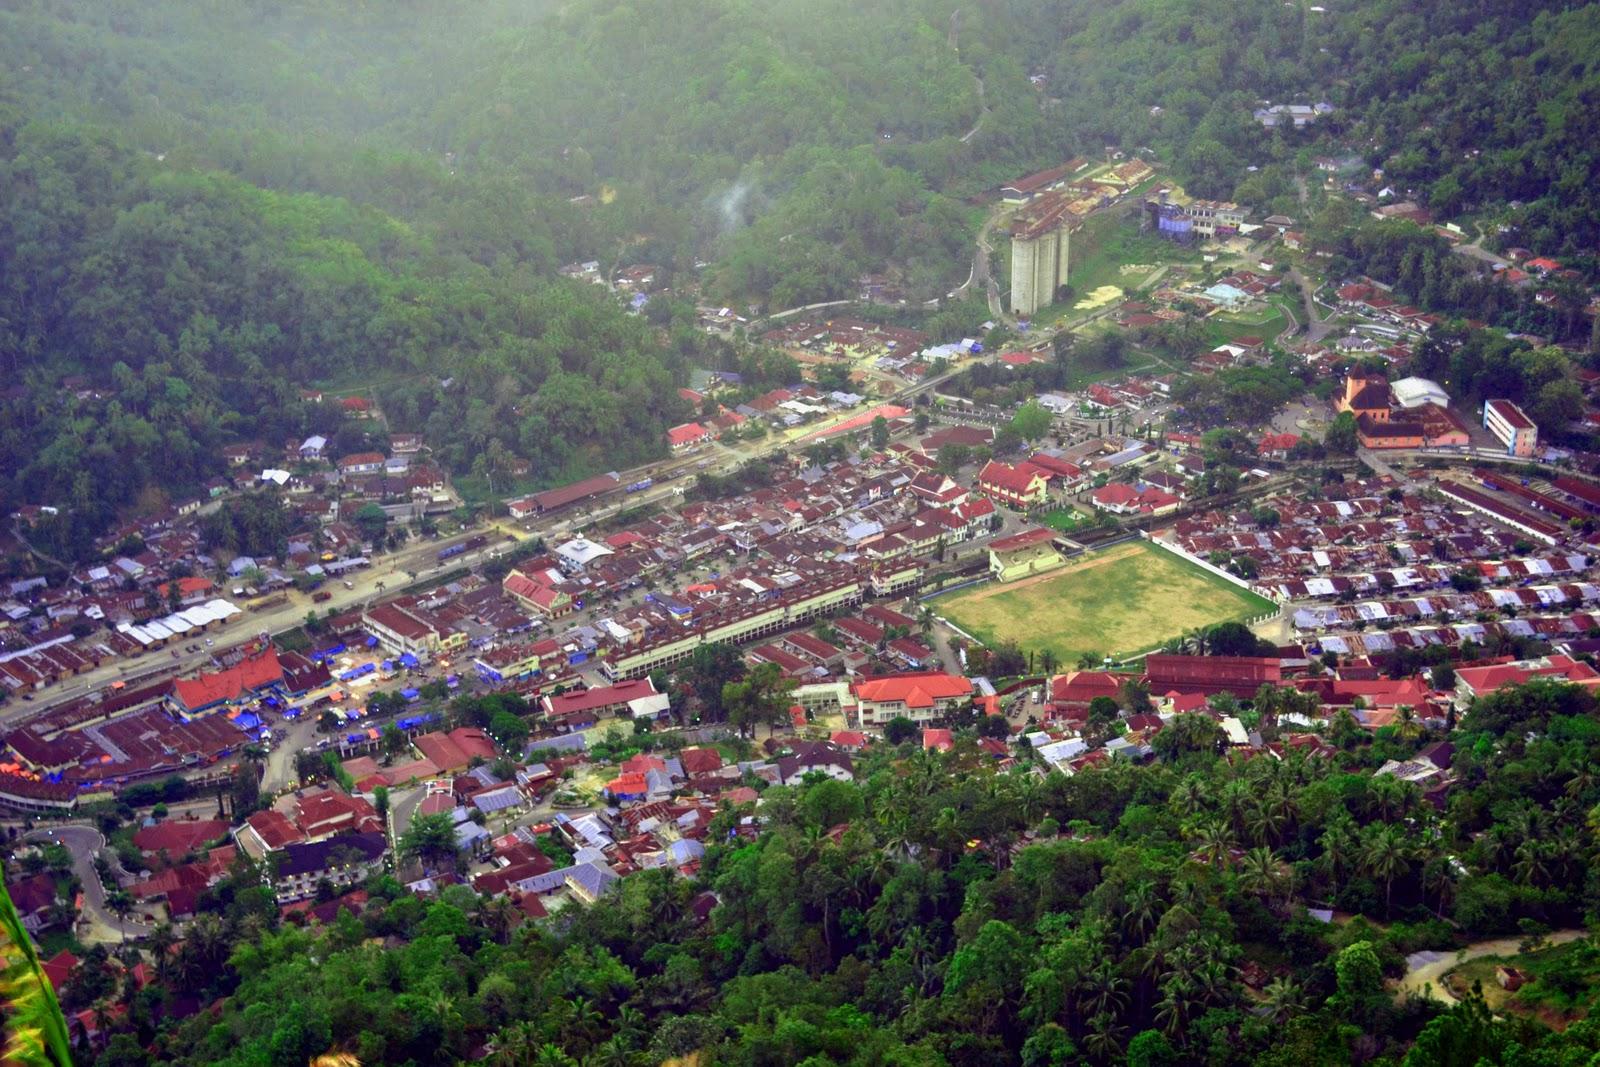 Perencanaan Kota Indonesia: Sawahlunto, Kota Arang Yang Terjaga